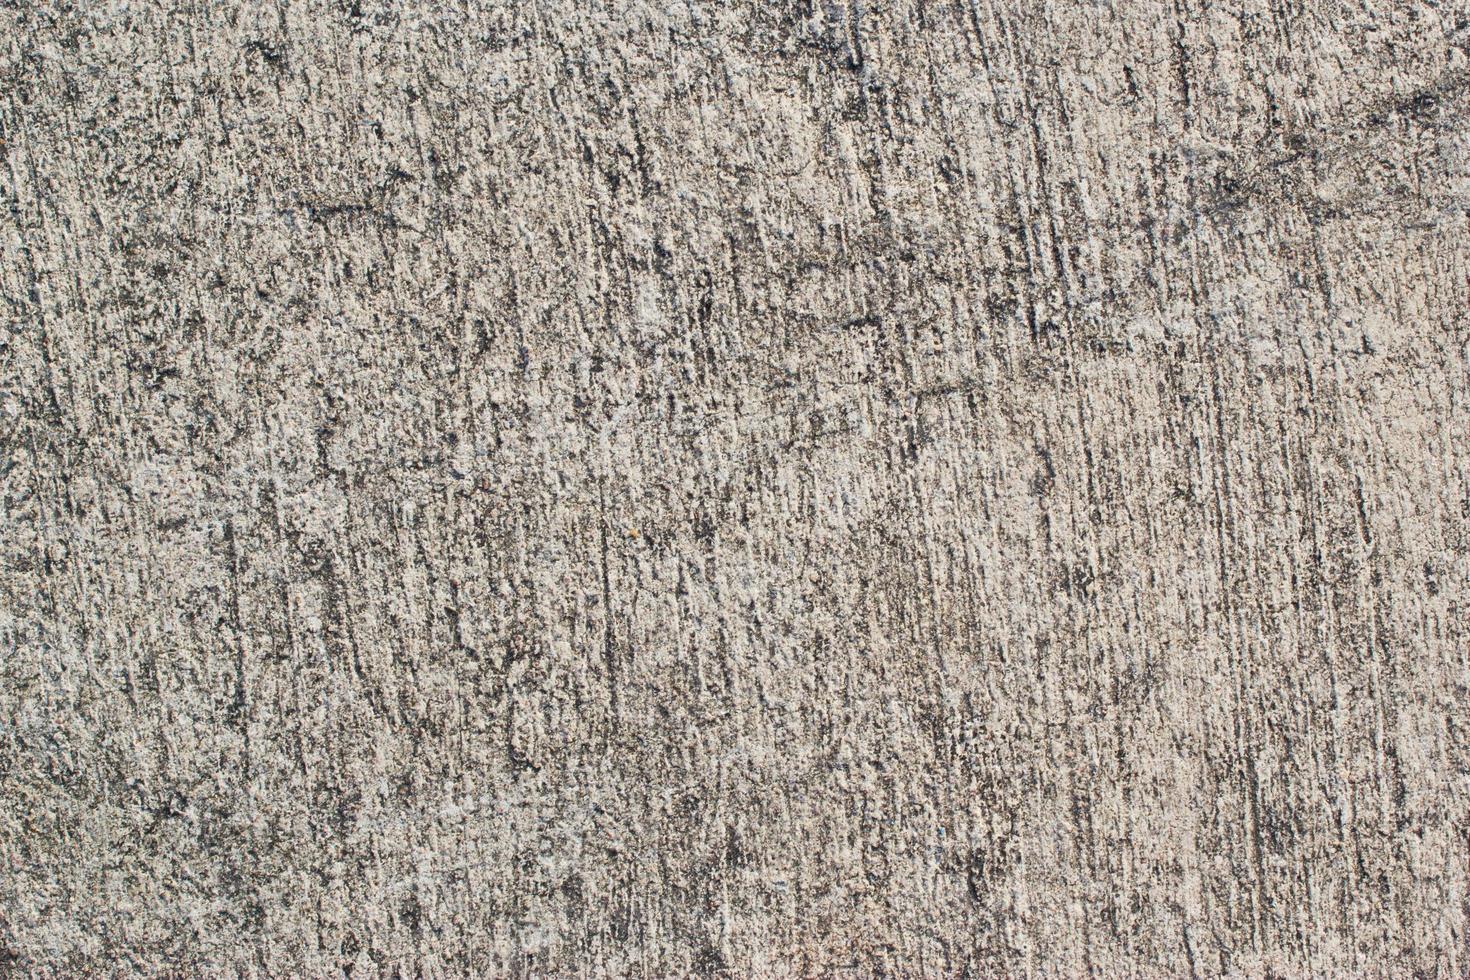 fundo sujo de cimento branco foto